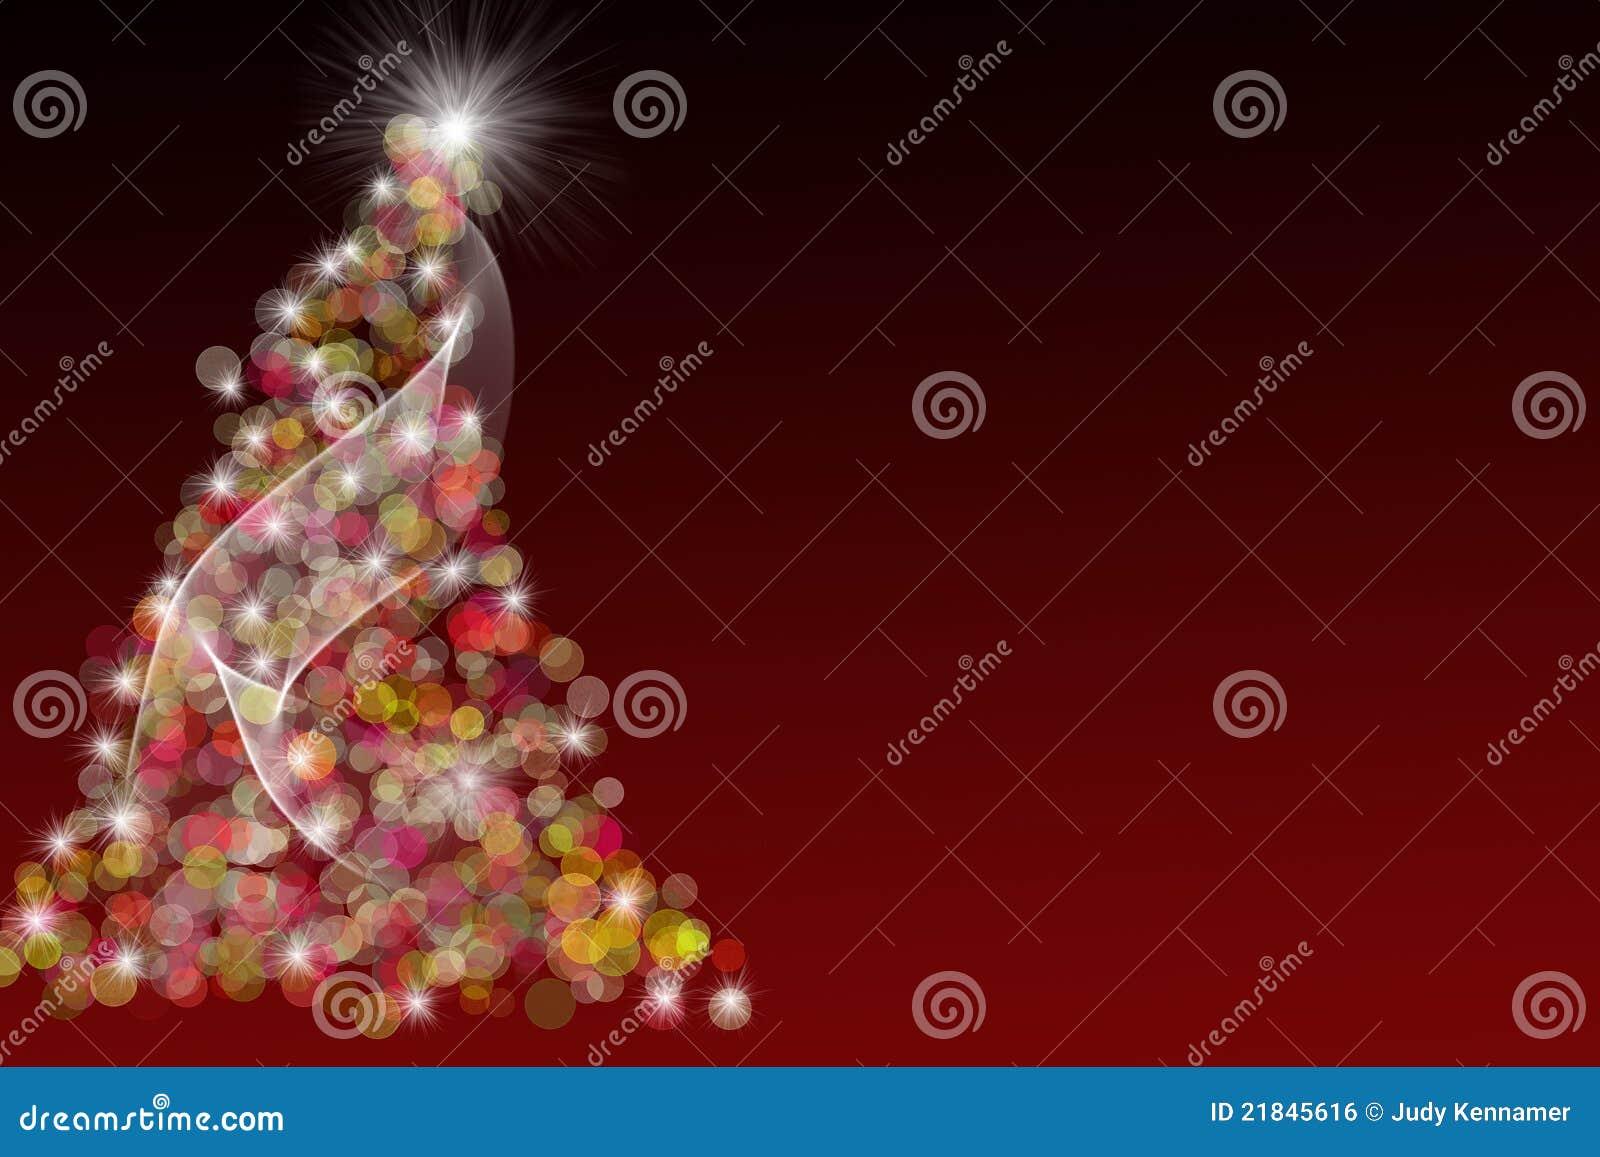 Κόκκινη απεικόνιση χριστουγεννιάτικων δέντρων